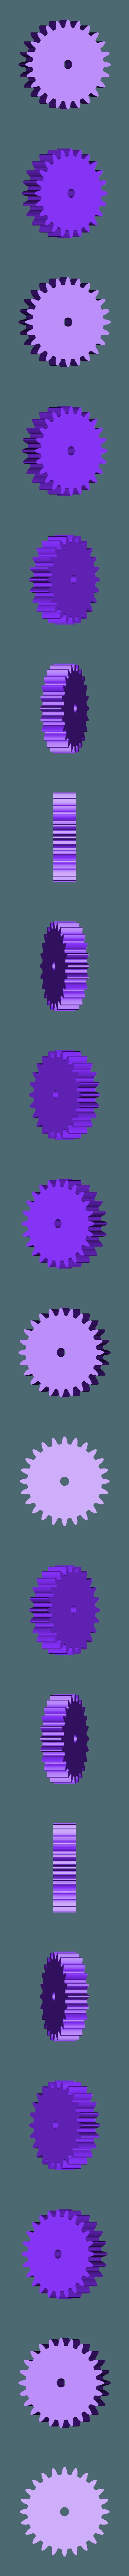 Spur_Gear_24_teeth_1.stl Télécharger fichier STL gratuit Pistolet d'hypnose • Design pour imprimante 3D, ericcherry